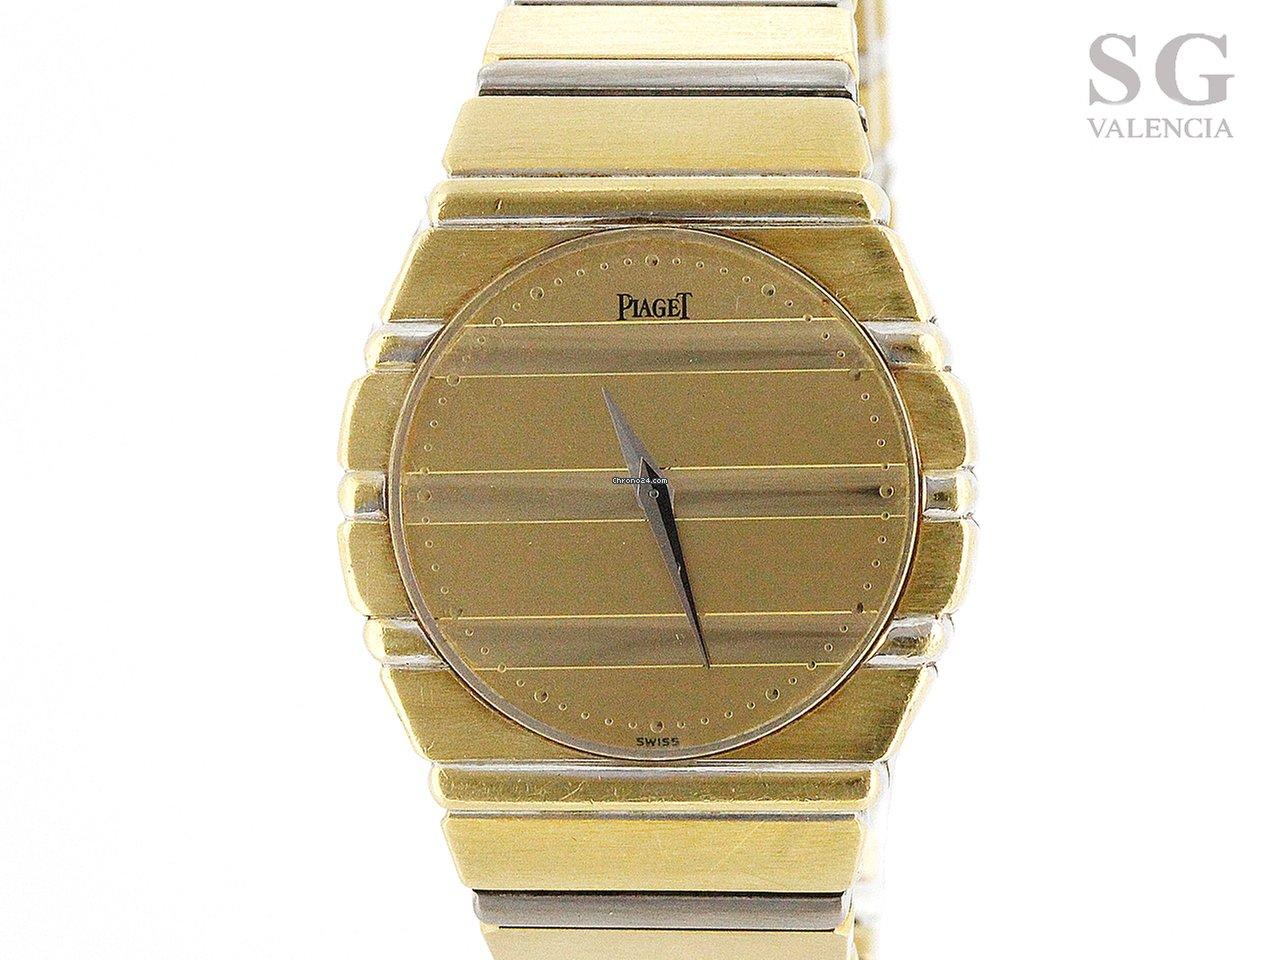 7f75e0f338b33 Relojes Piaget de segunda mano - Compare el precio de los relojes Piaget